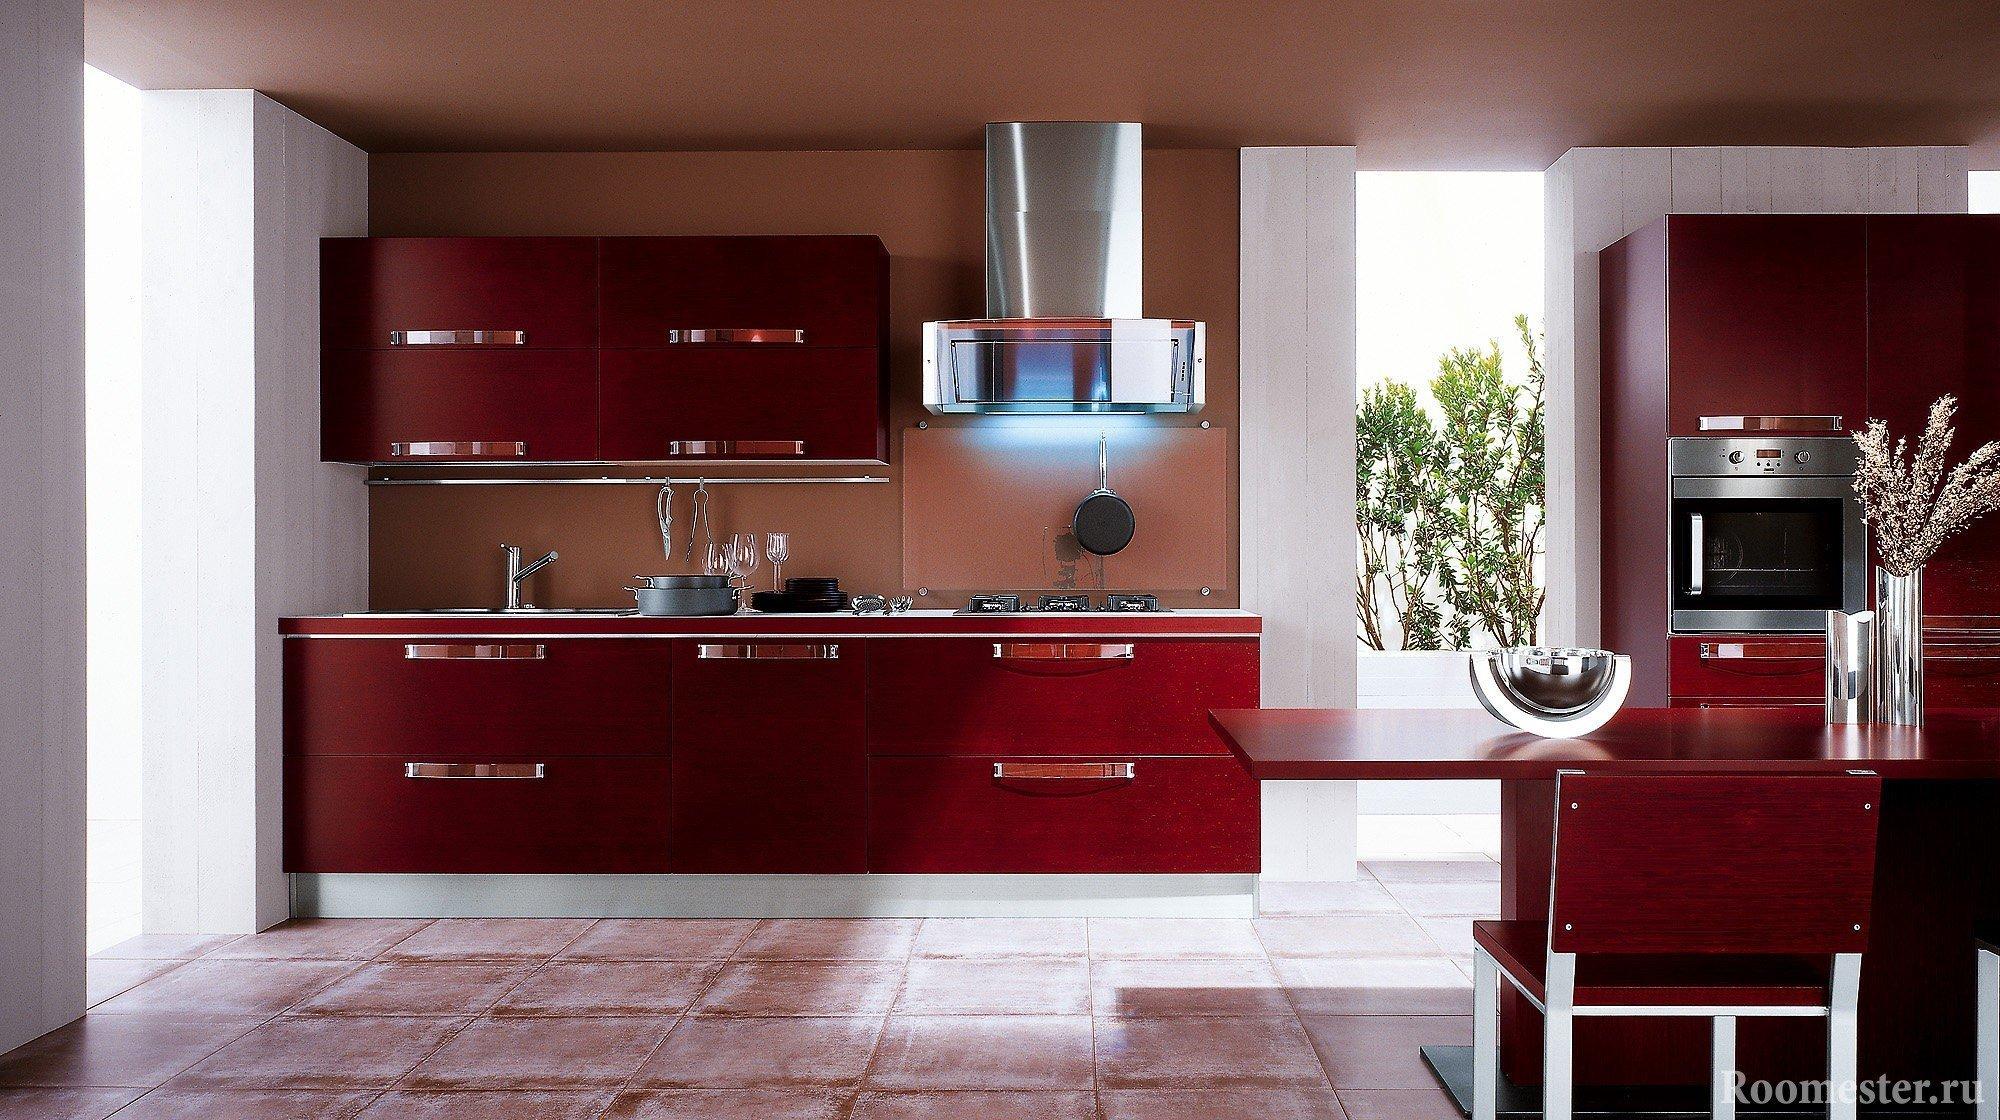 Сочетание цвета бордо и металлических элементов кухни